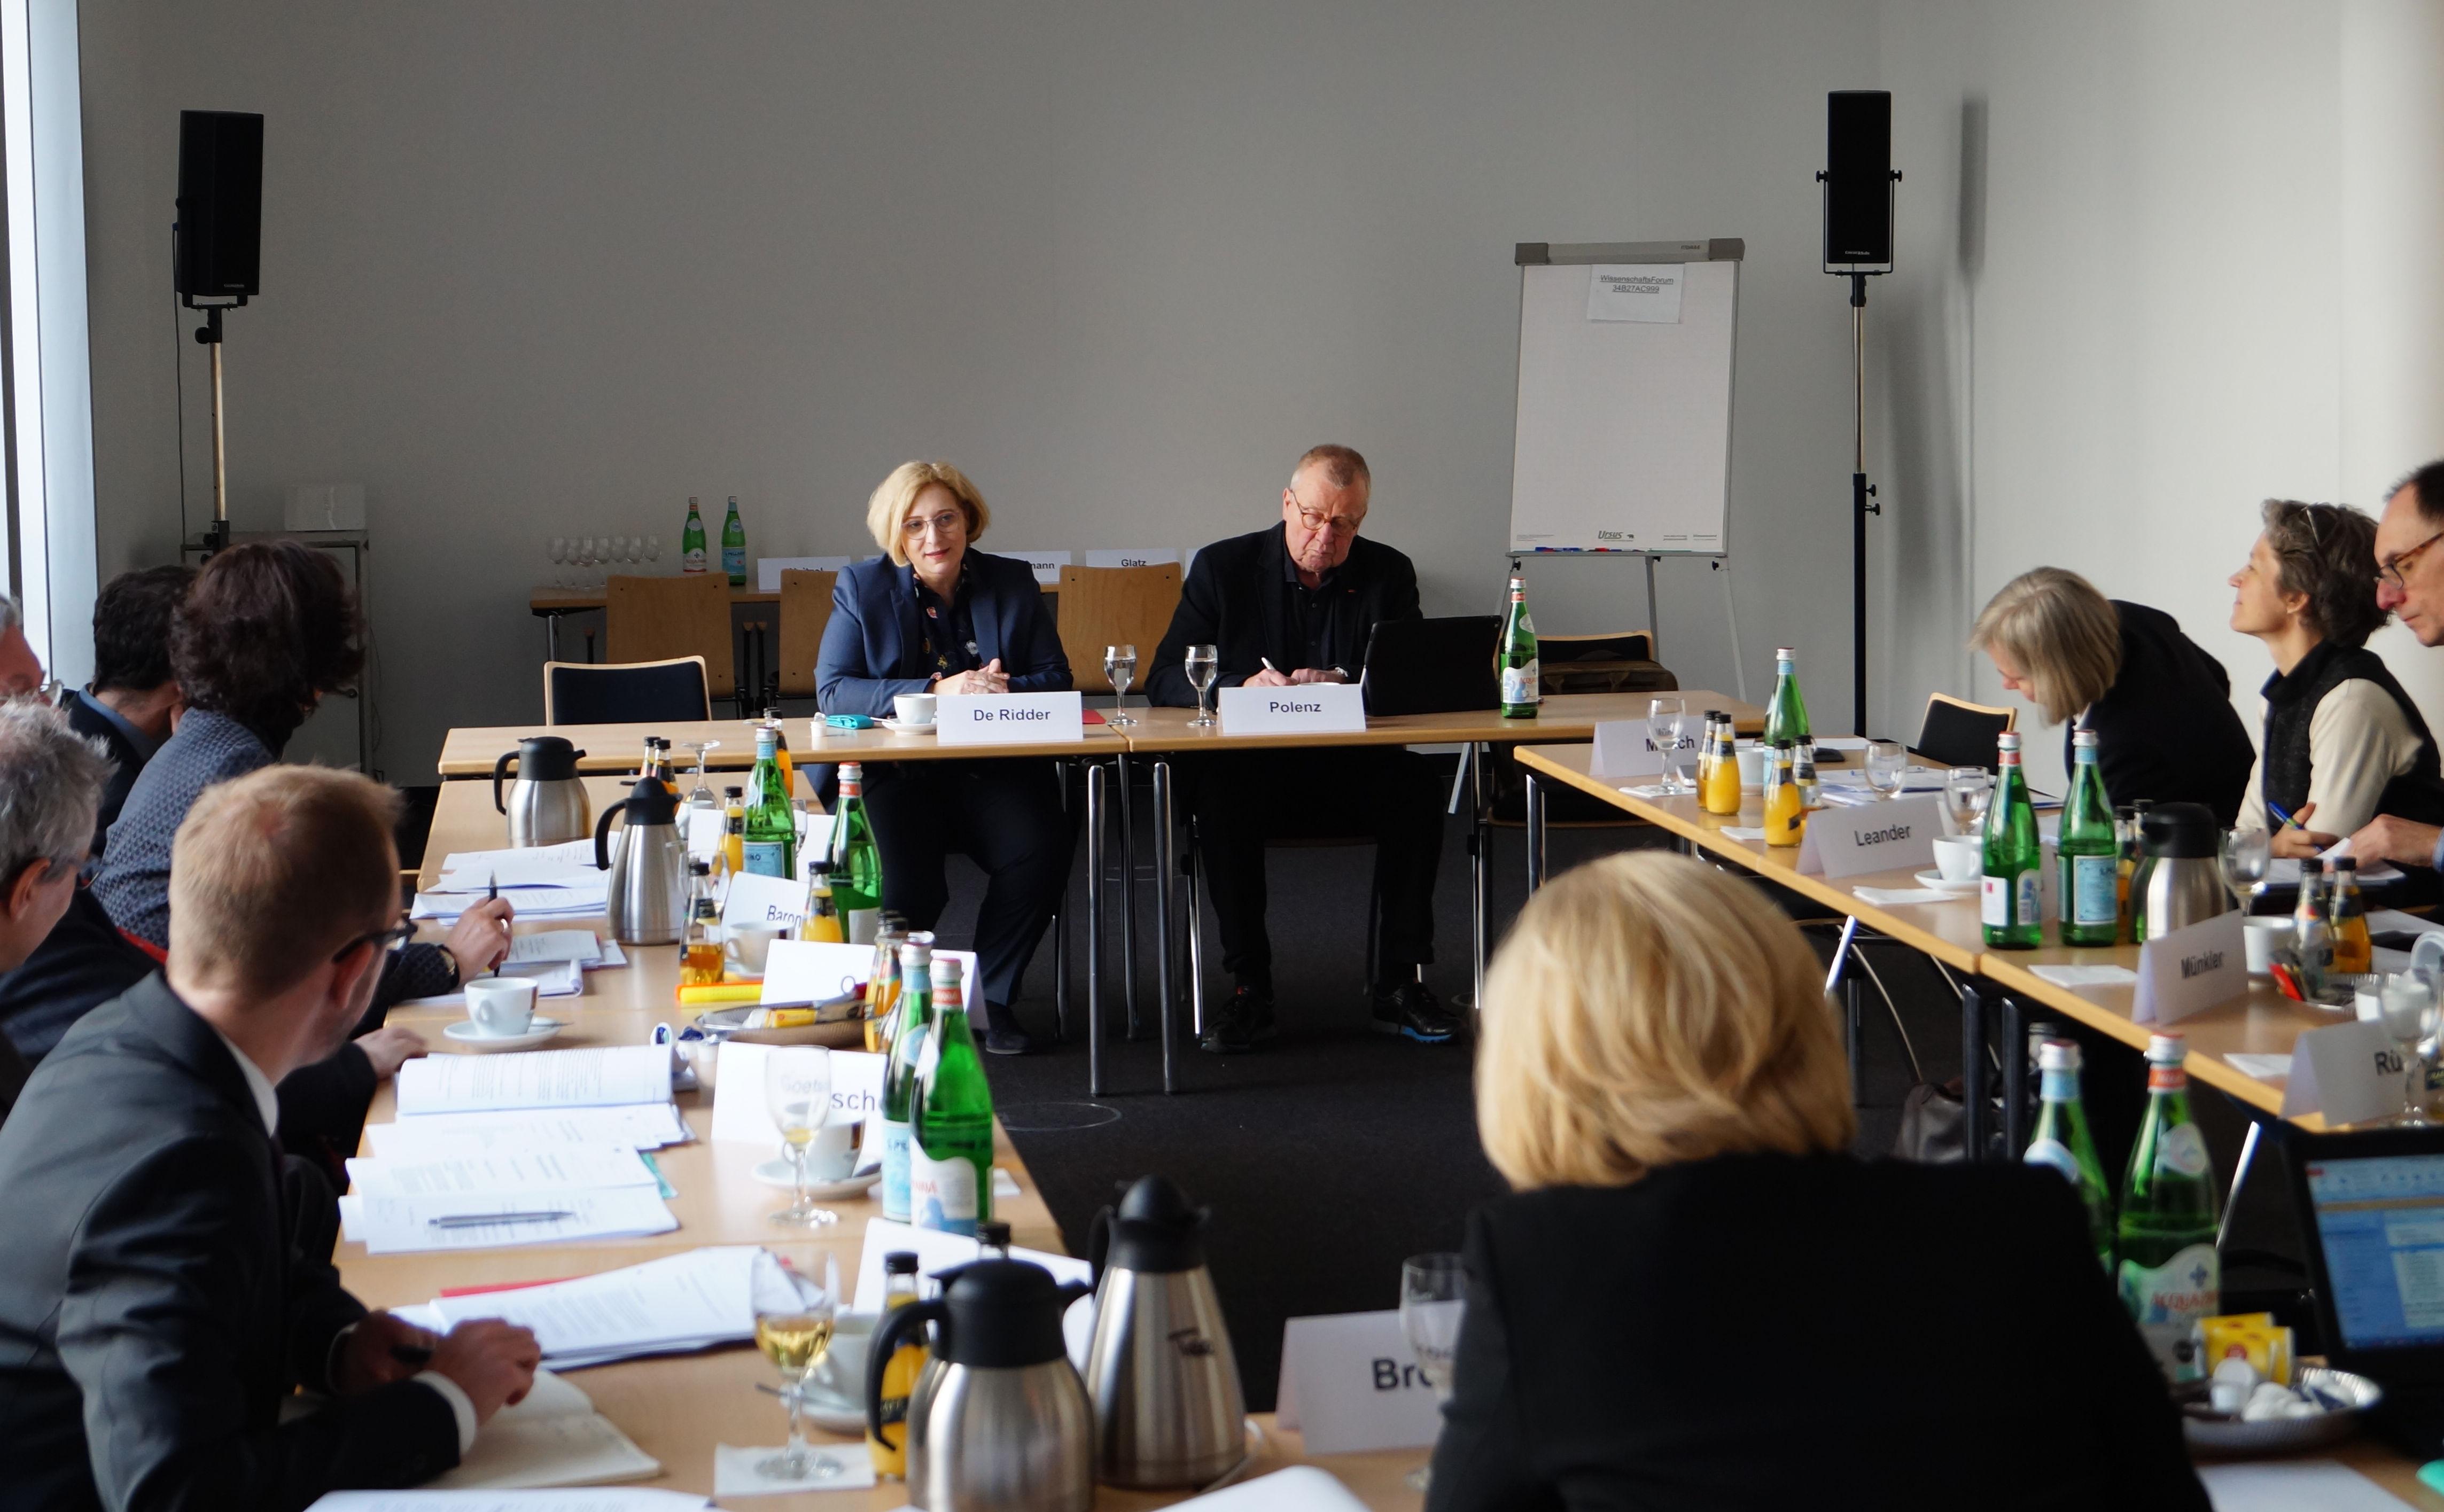 Dr. Daniela De Ridder zu Gast beim Forum des Wissenschaftsrats